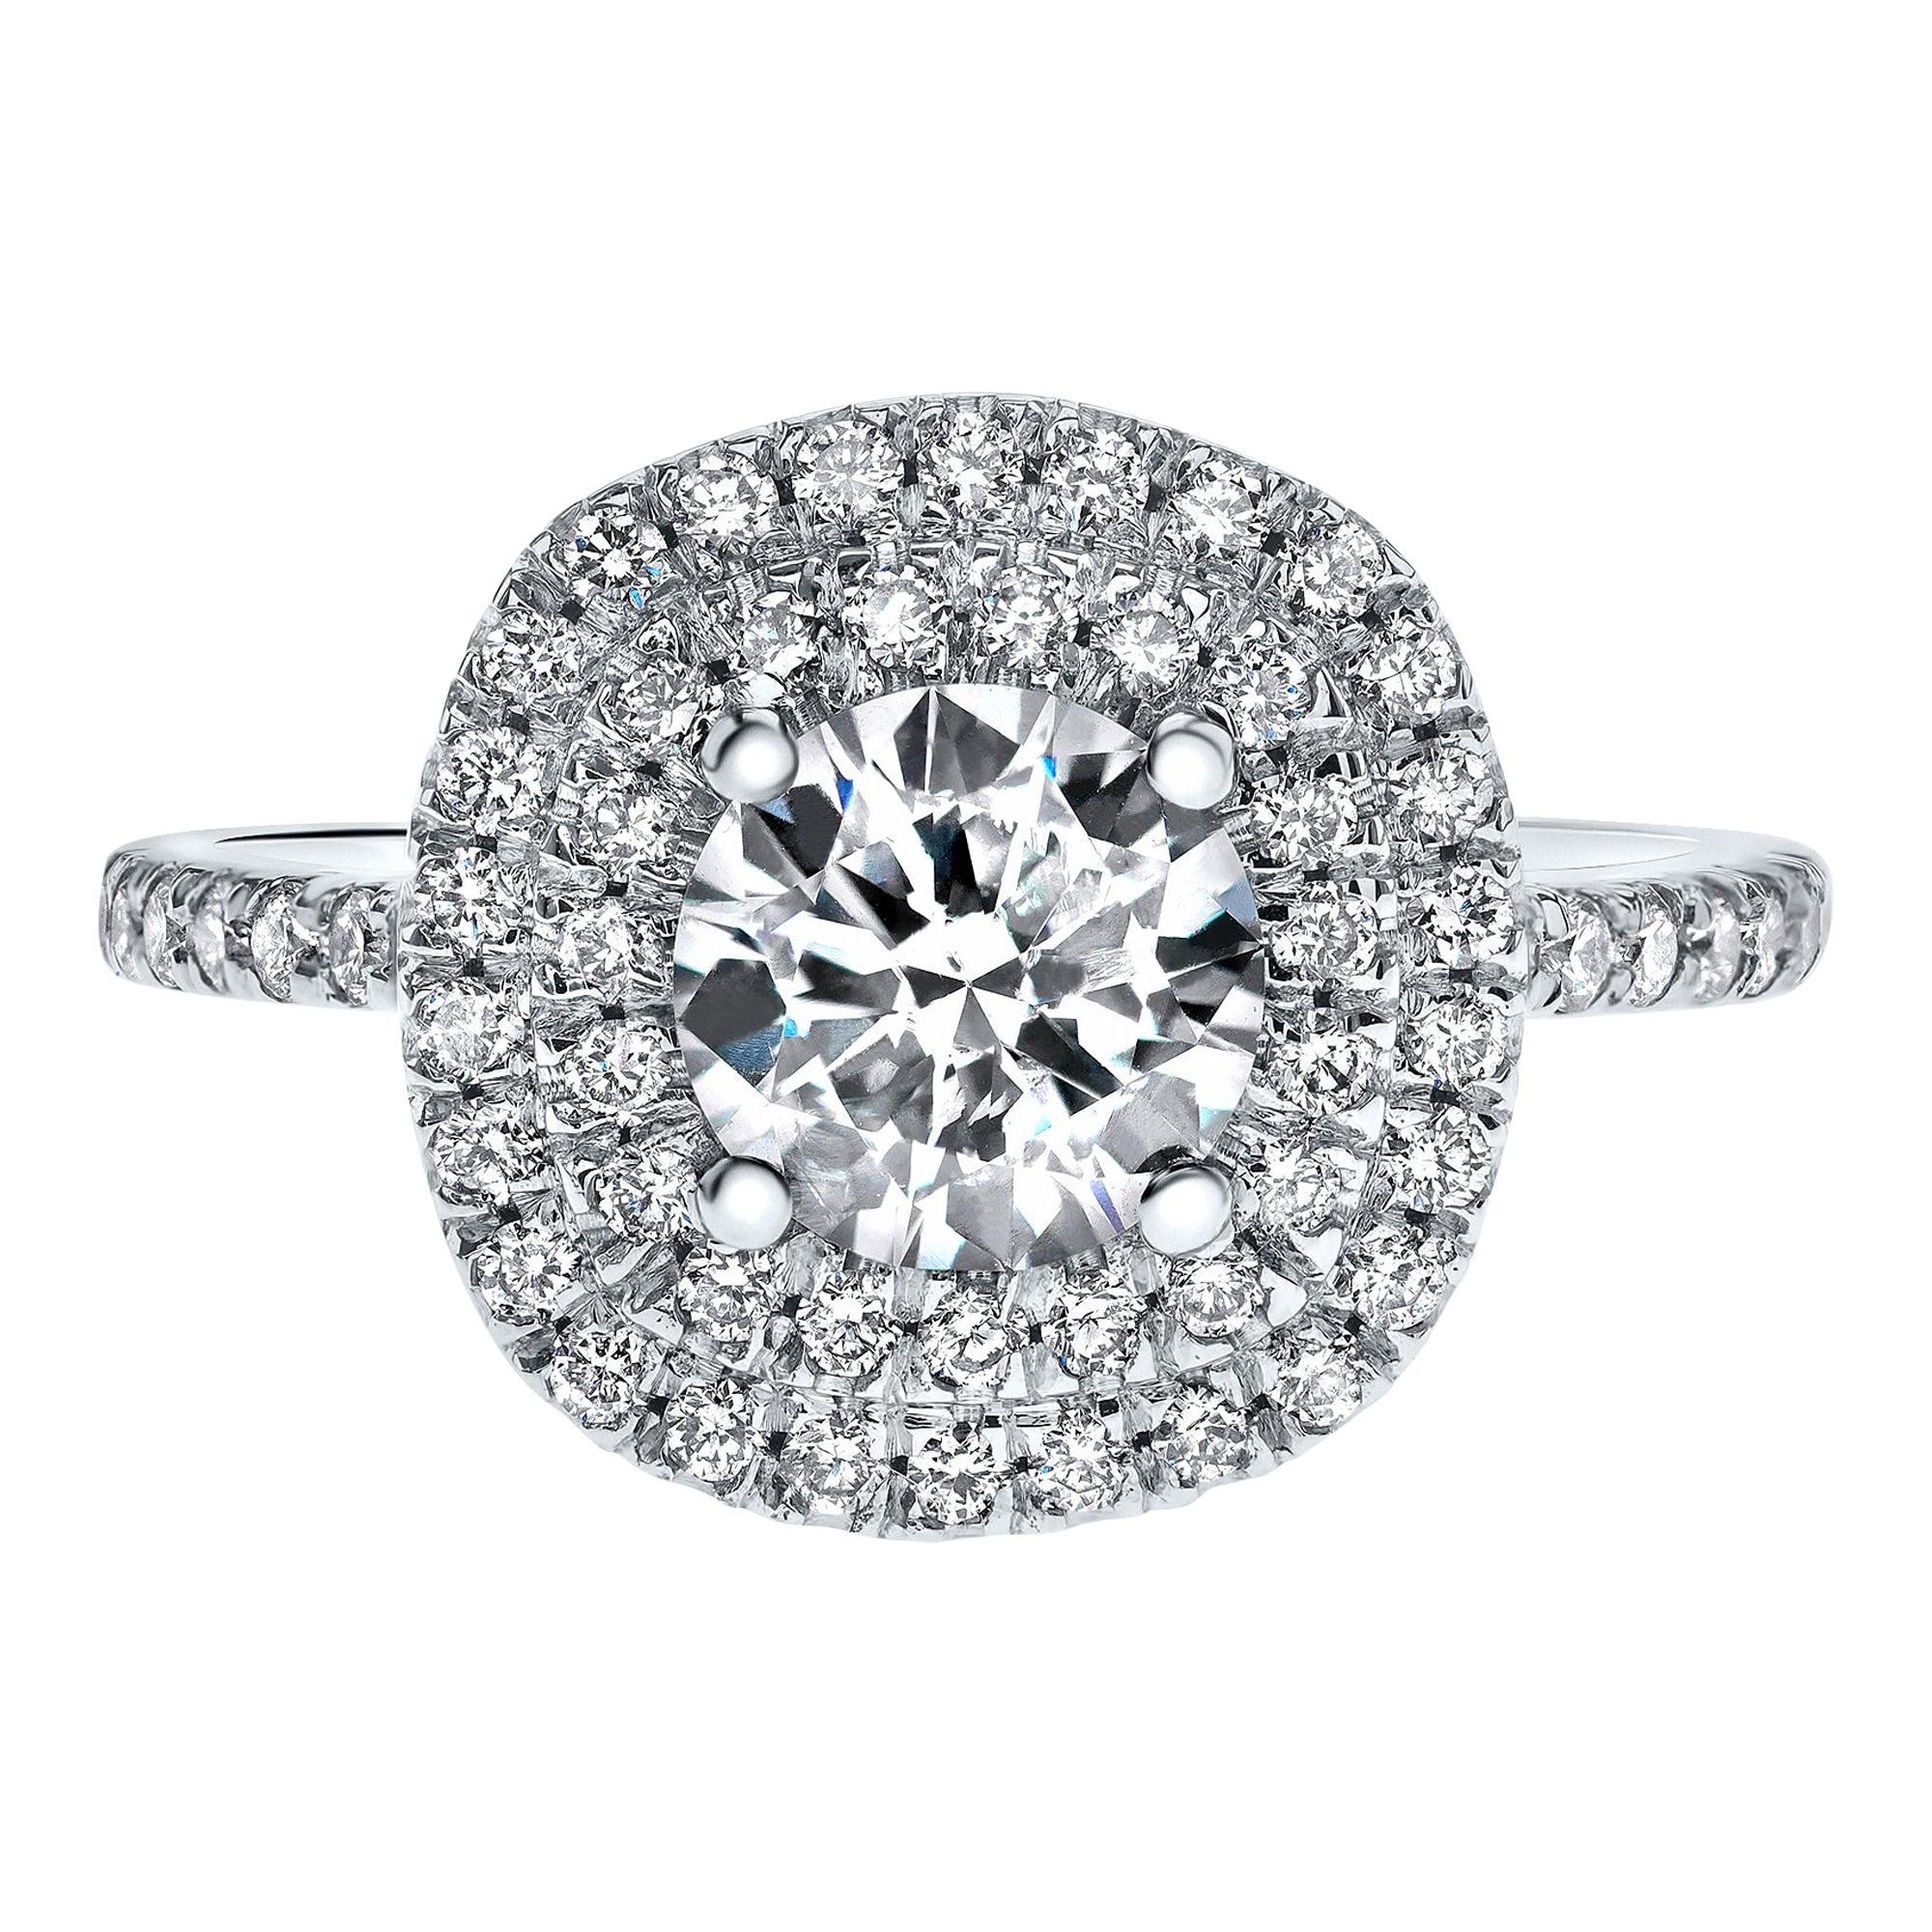 14 Karat White Gold Double Halo 1.55 Carat Diamond Ring - Shlomit Rogel